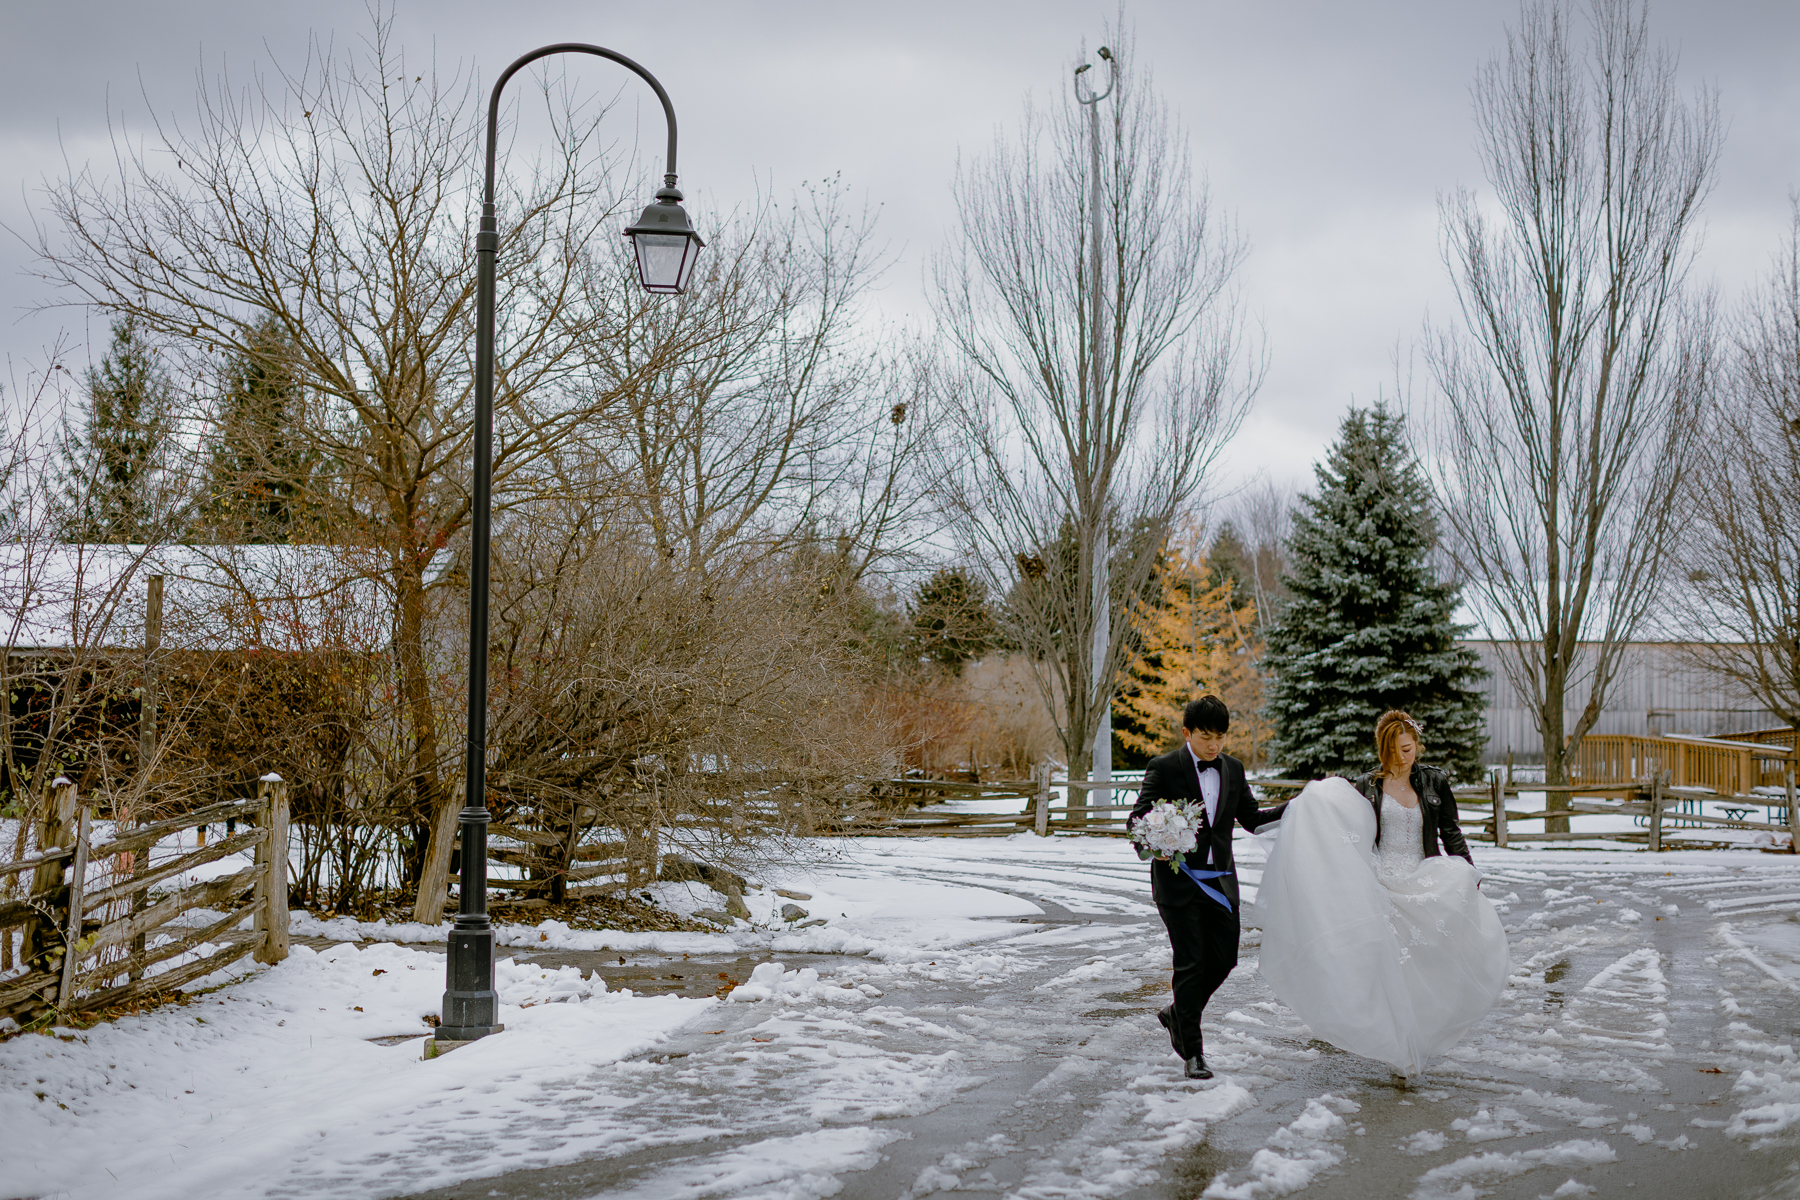 markham-wedding-photography-markham-museum-wedding 0023.jpg